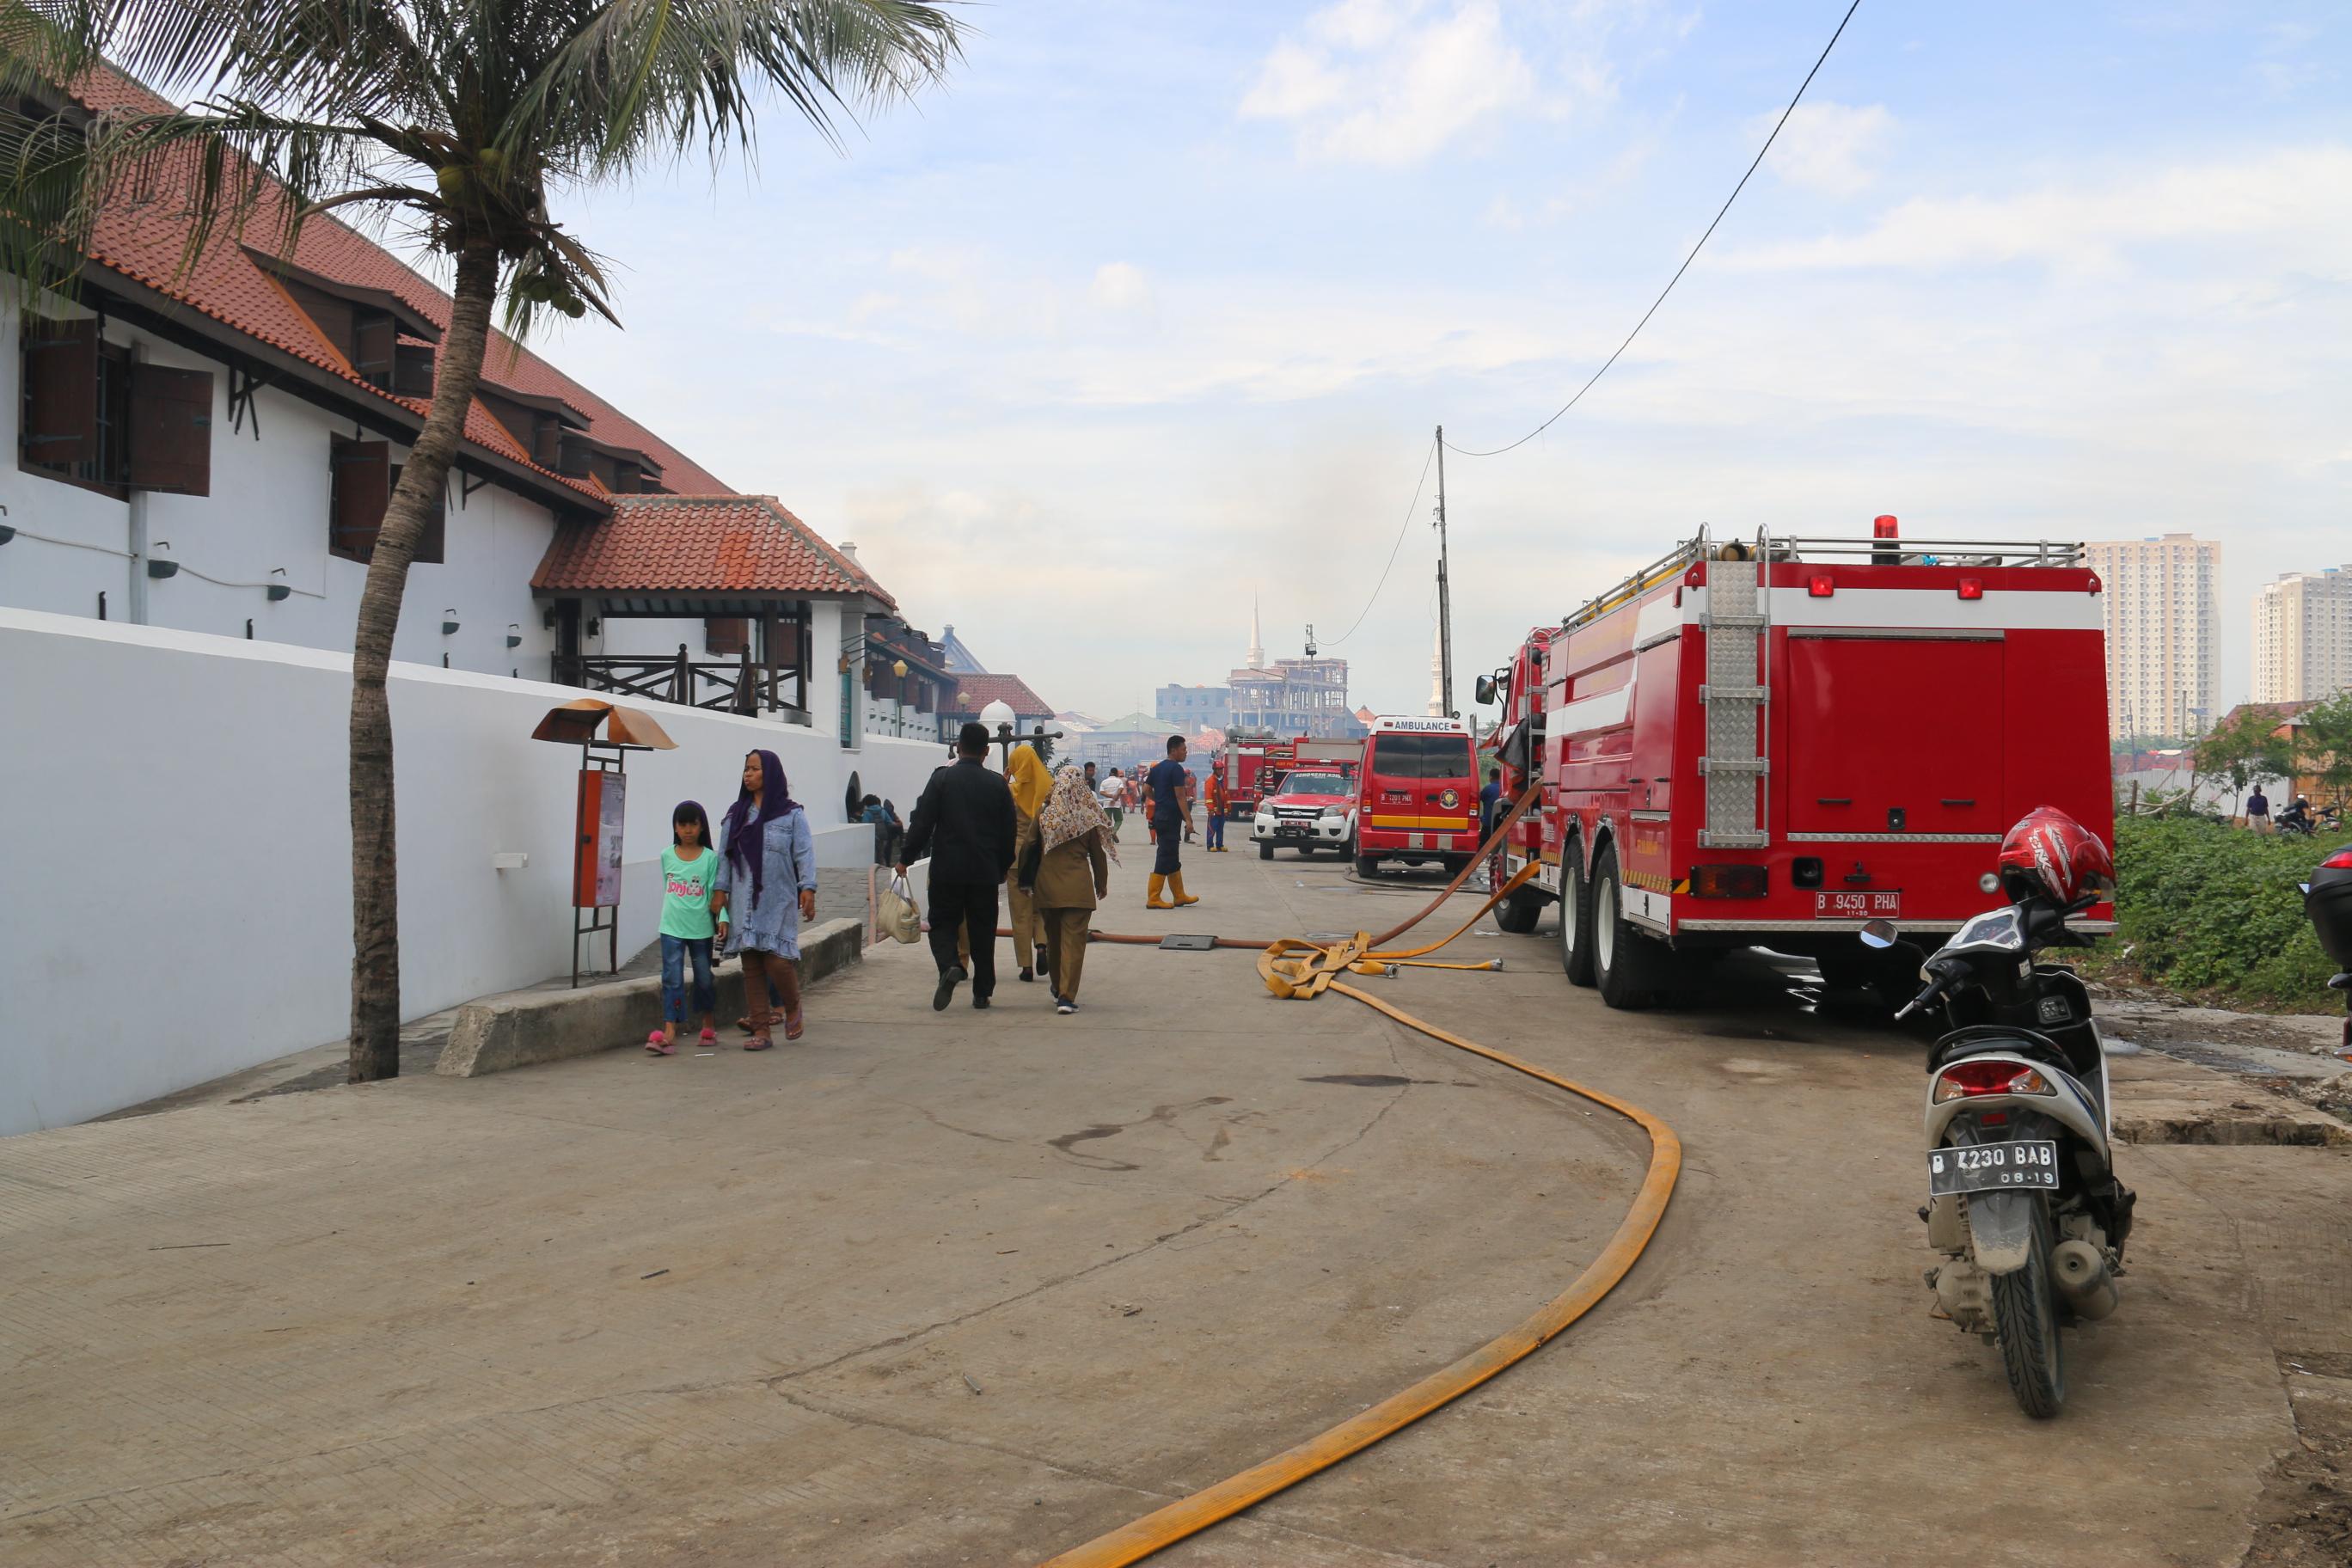 Pemerintah Kota Administrasi Jakarta Utara Mobil Pemadam Kebakaran Dikerahkan Memadamkan